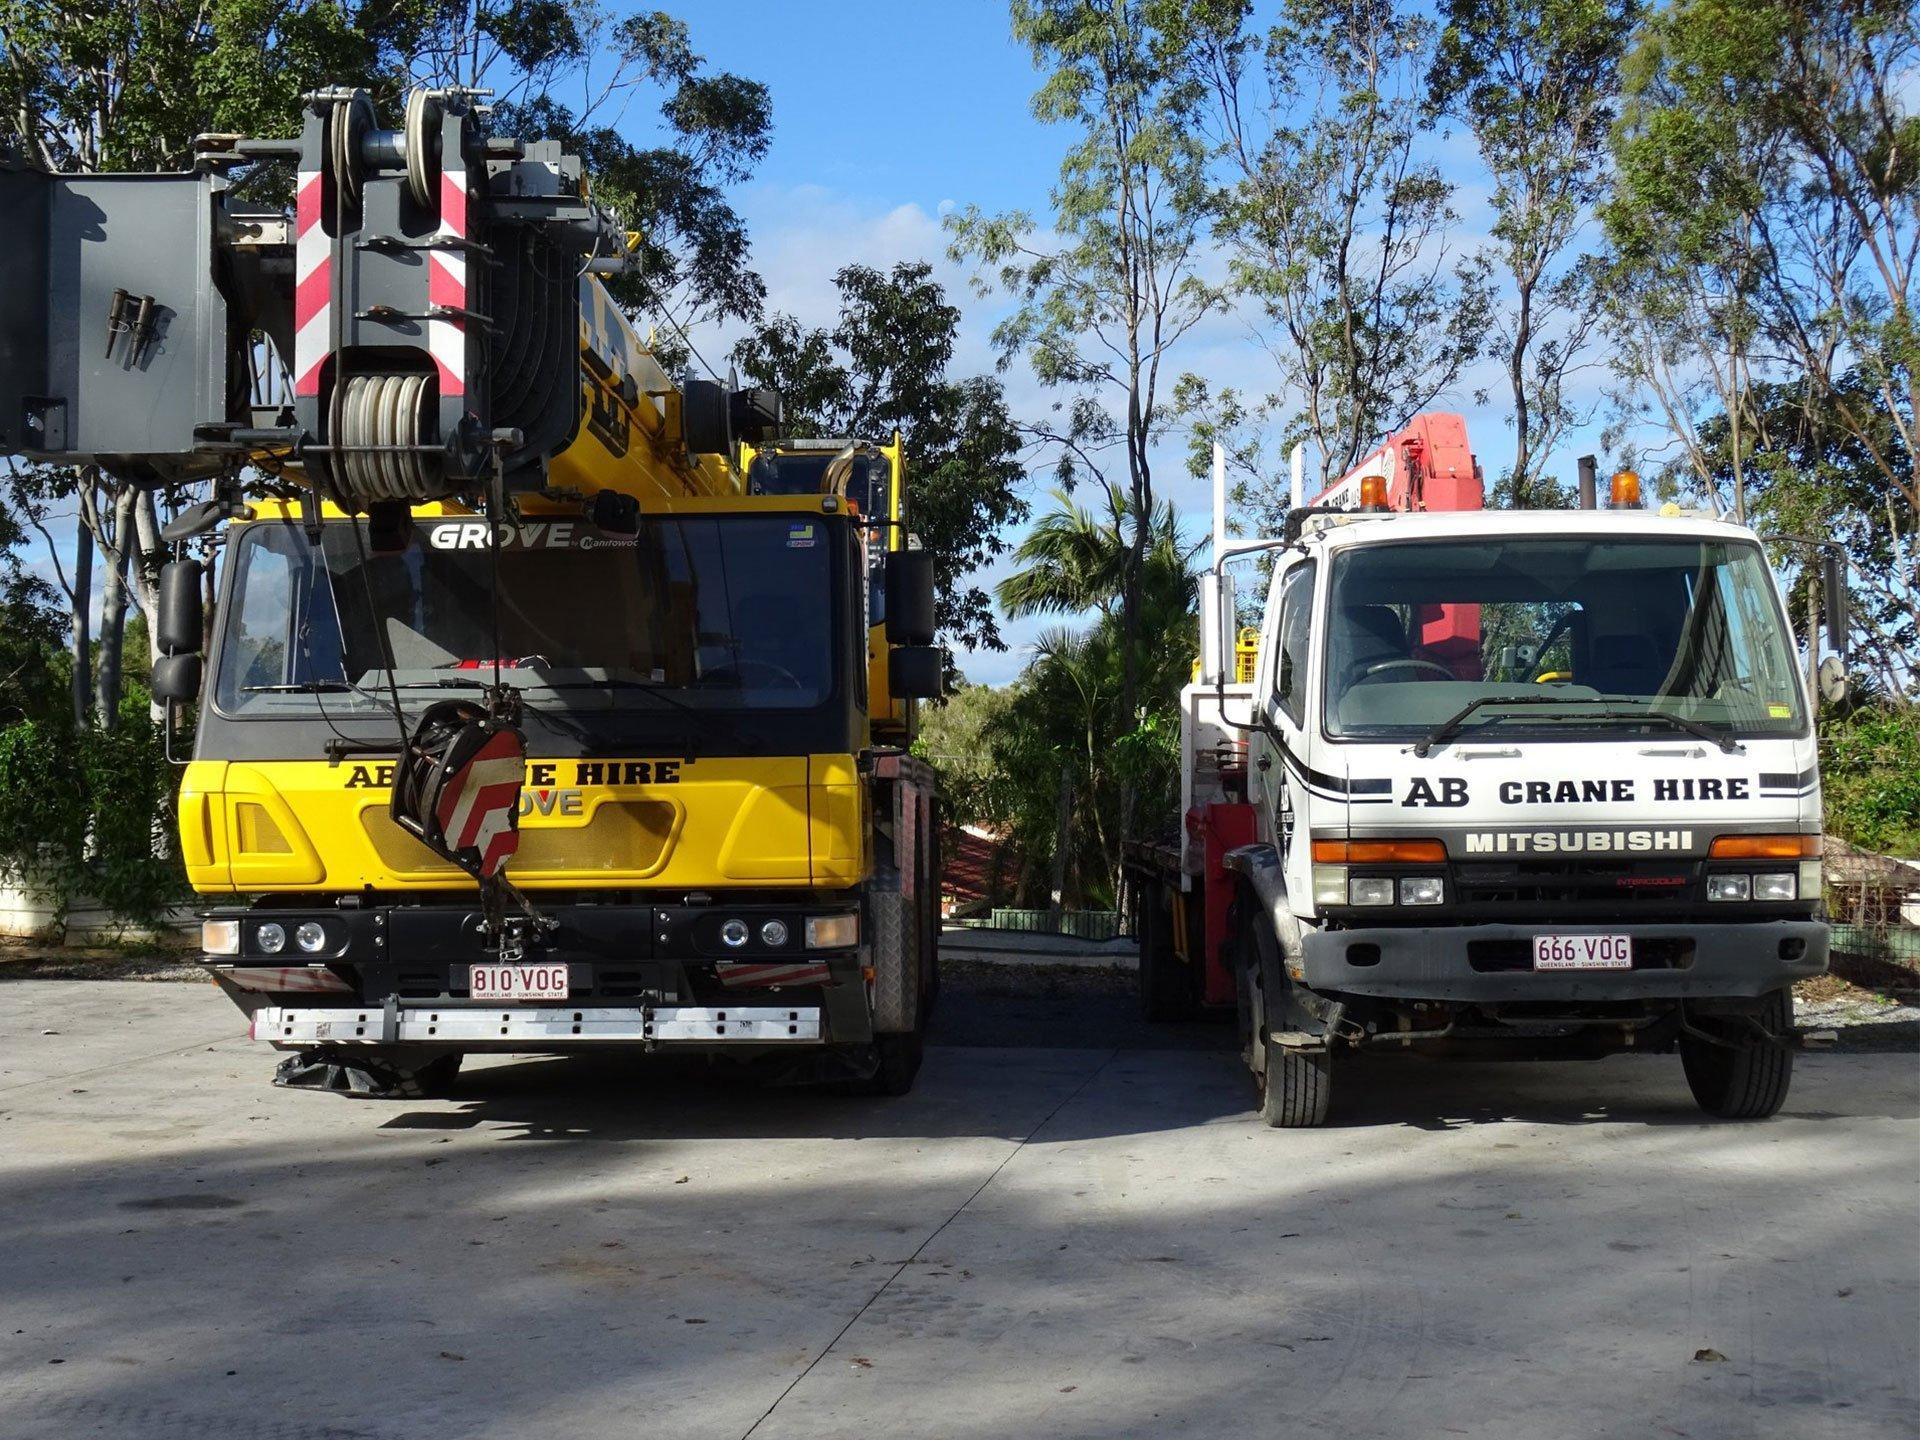 AB Crane Hire Cranes